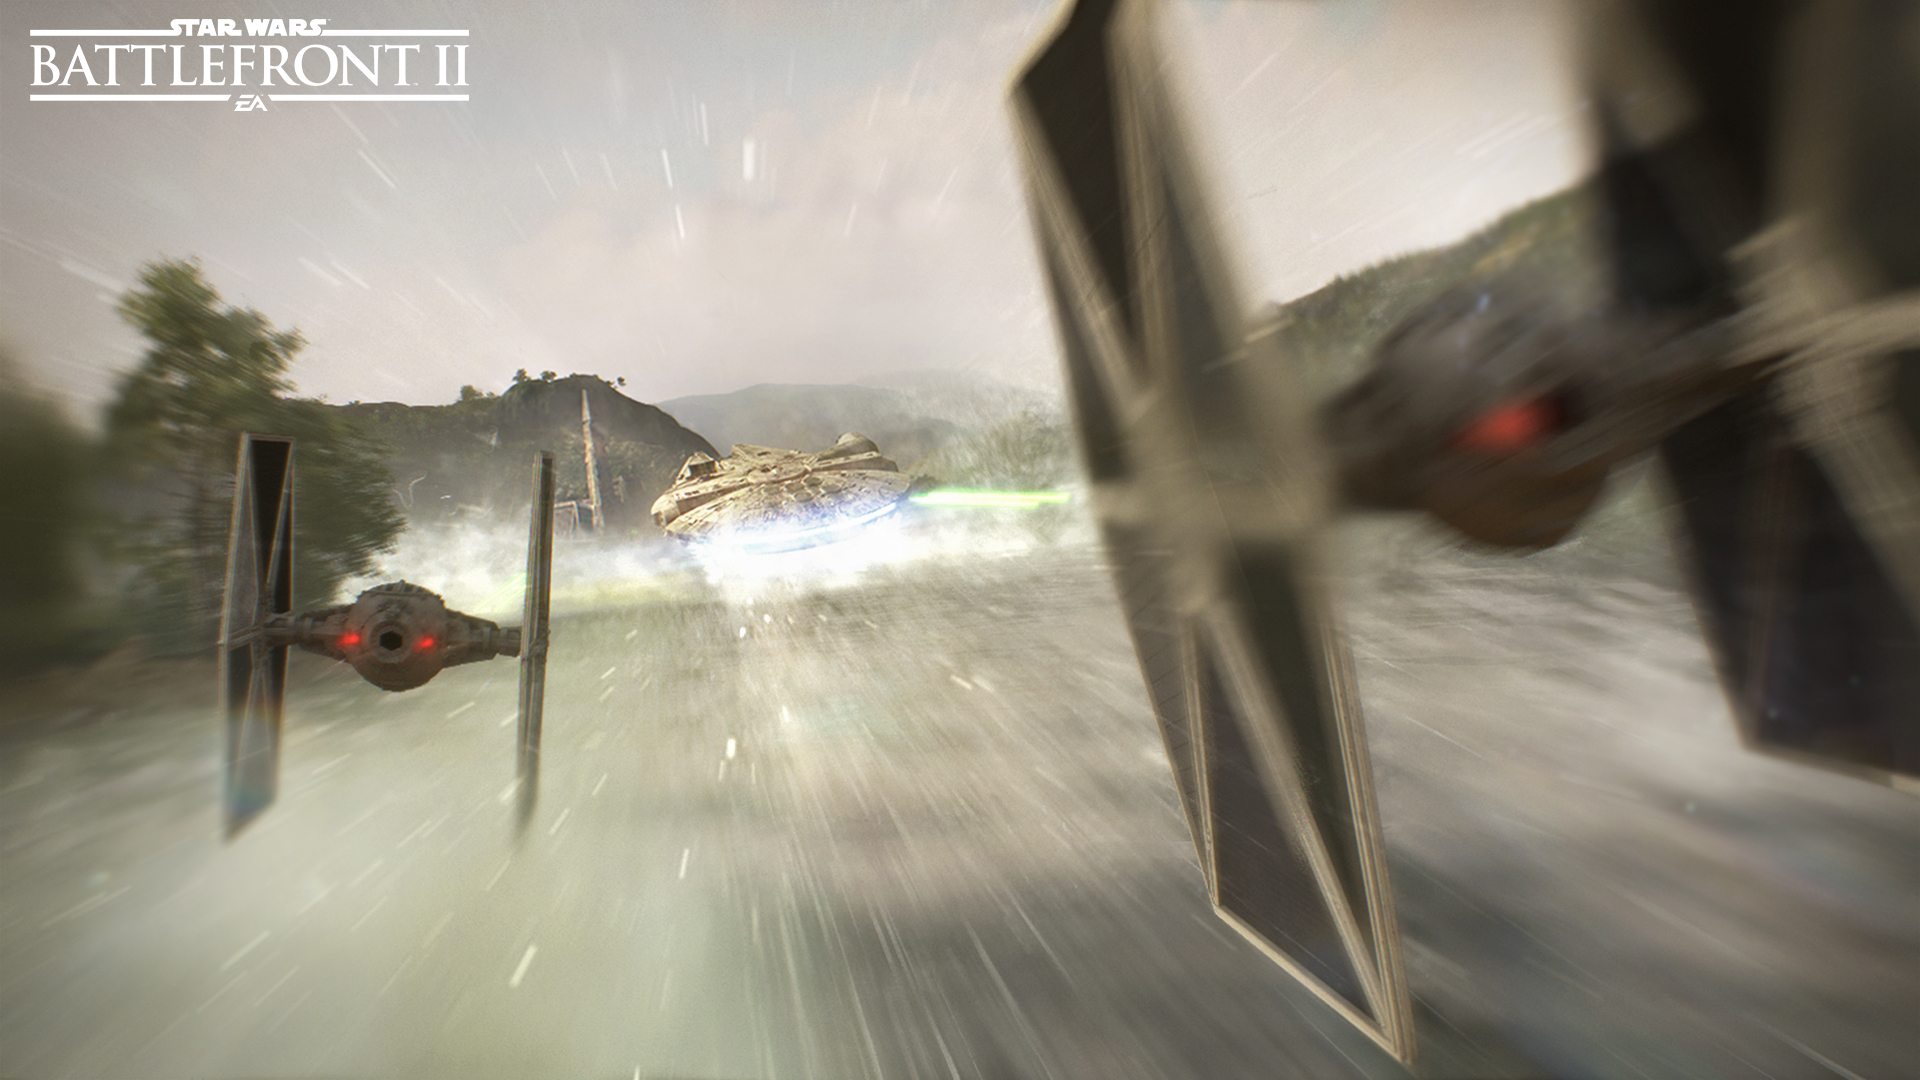 星球大战:战争前线2 新版庆典版/Star Wars Battlefront 2